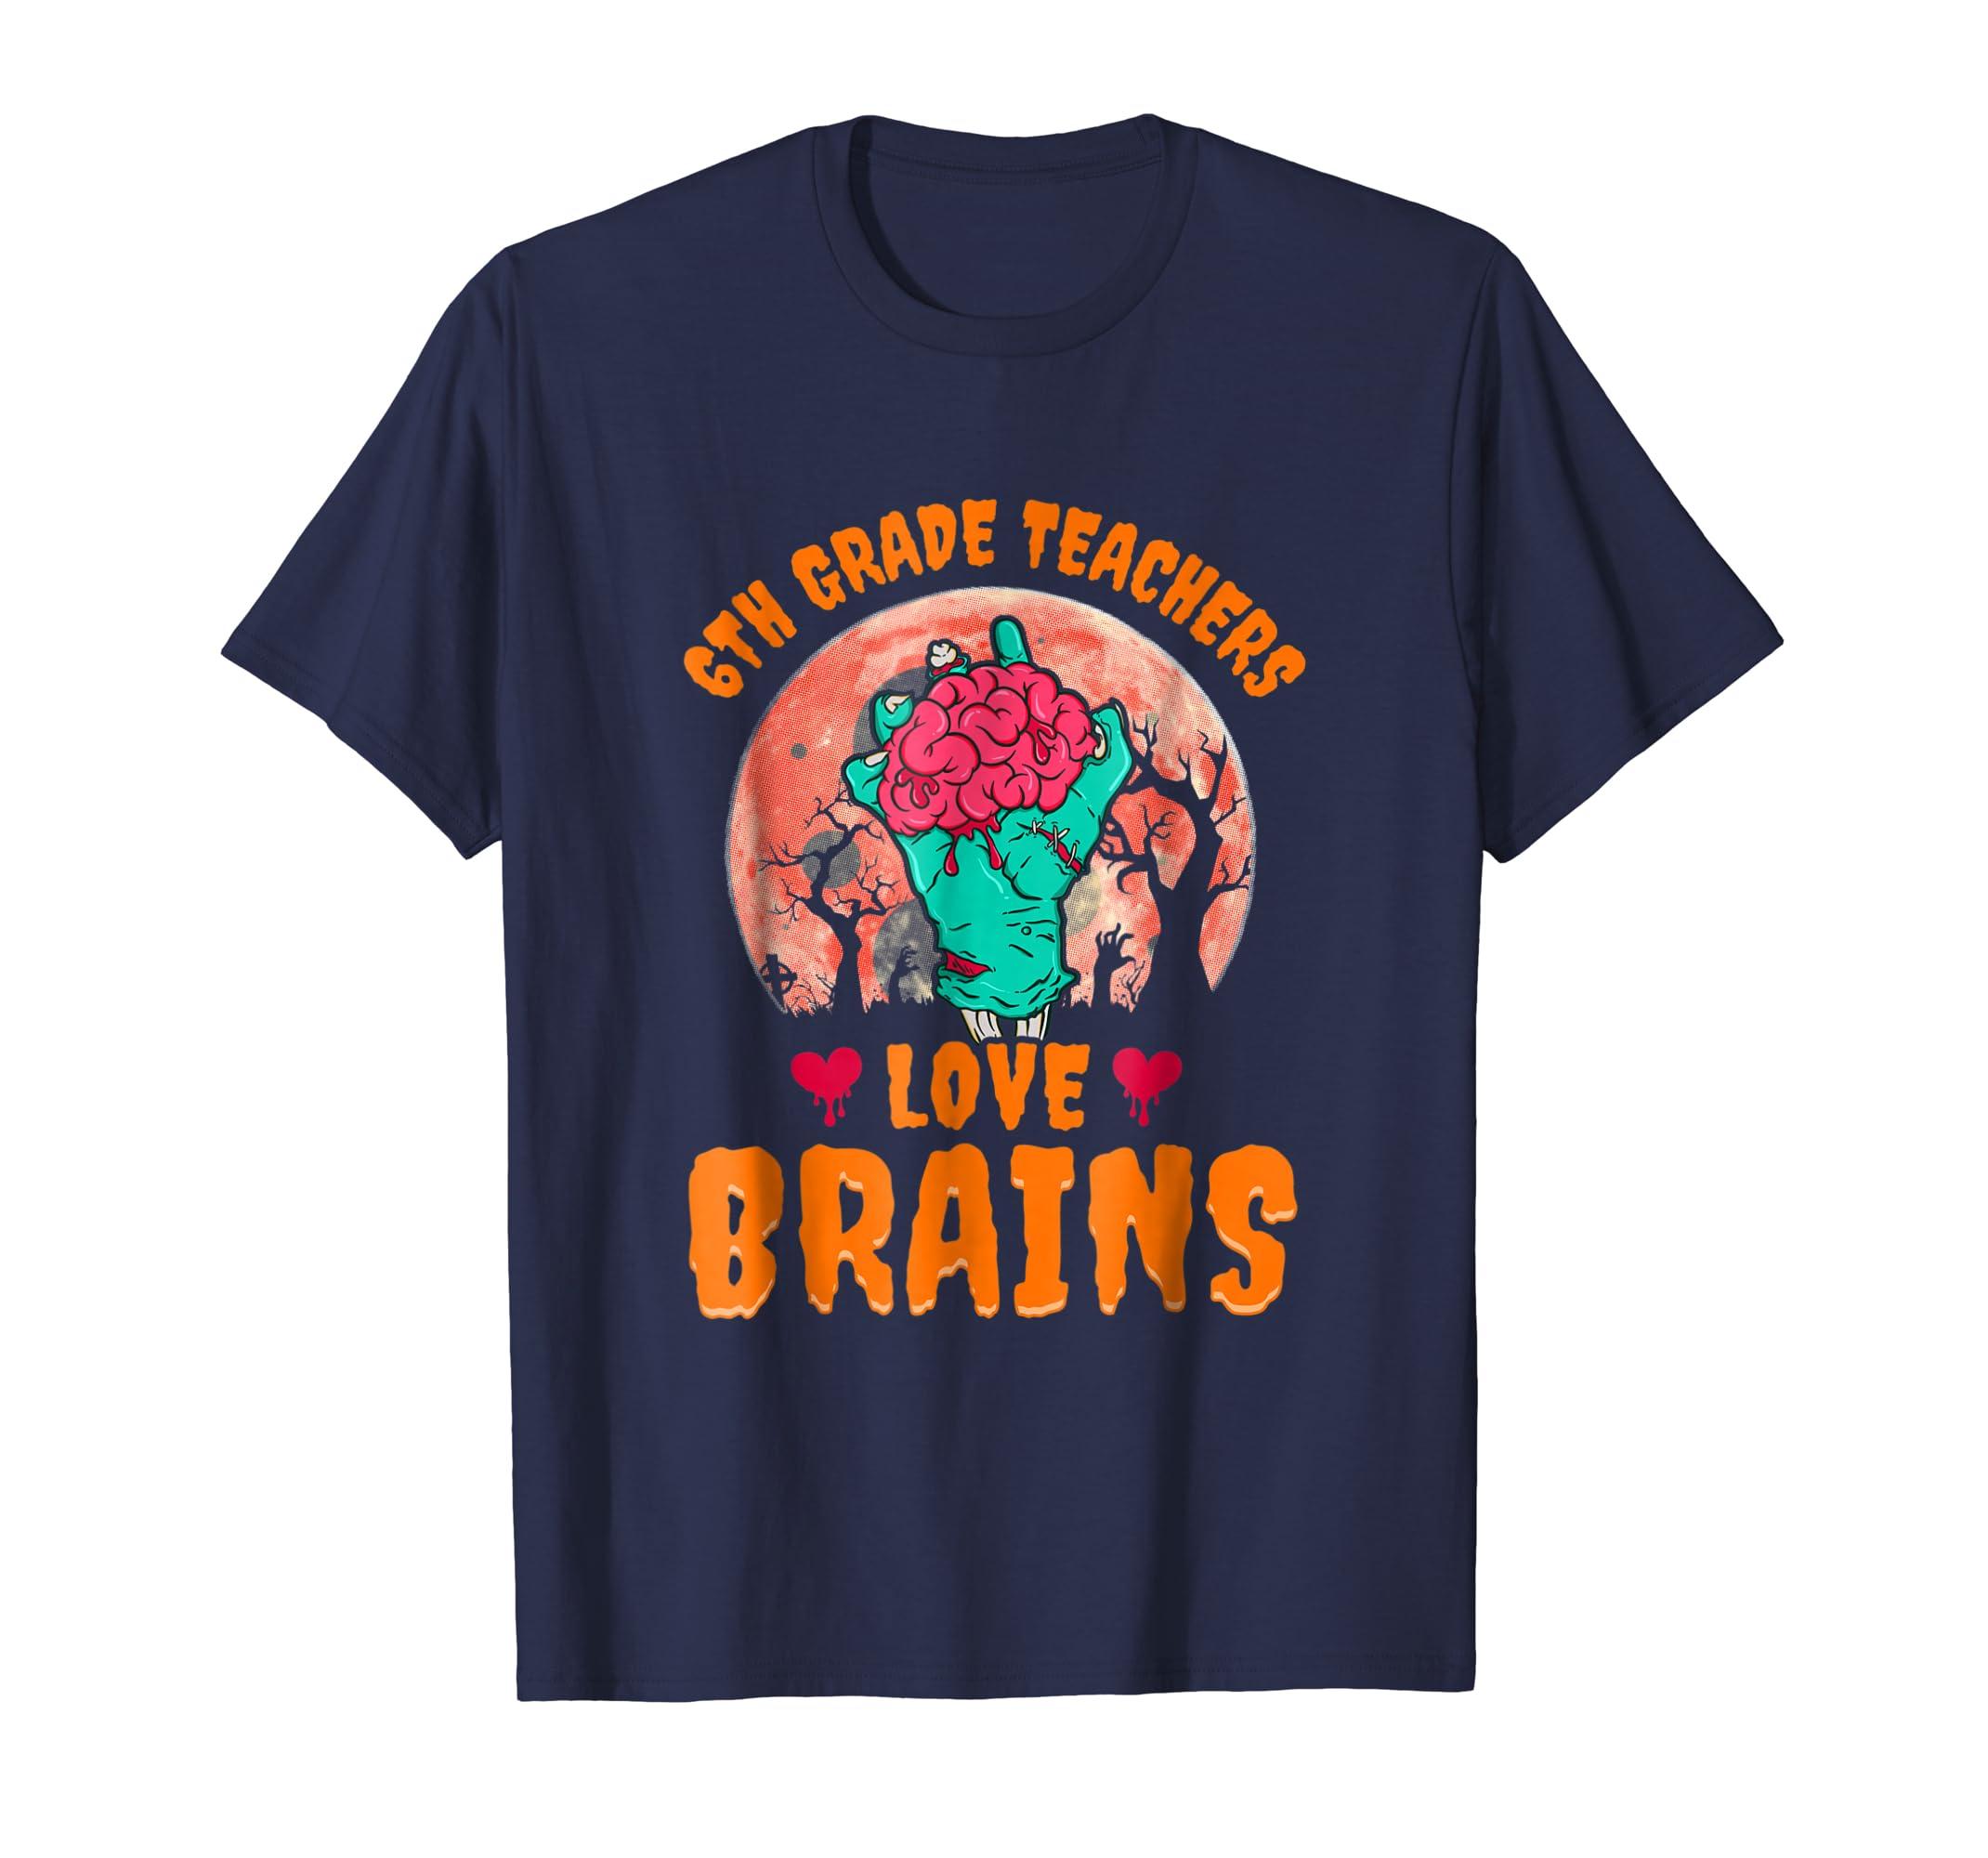 6th Grade Teachers Love Brains Shirt Kids Halloween Costume-ln